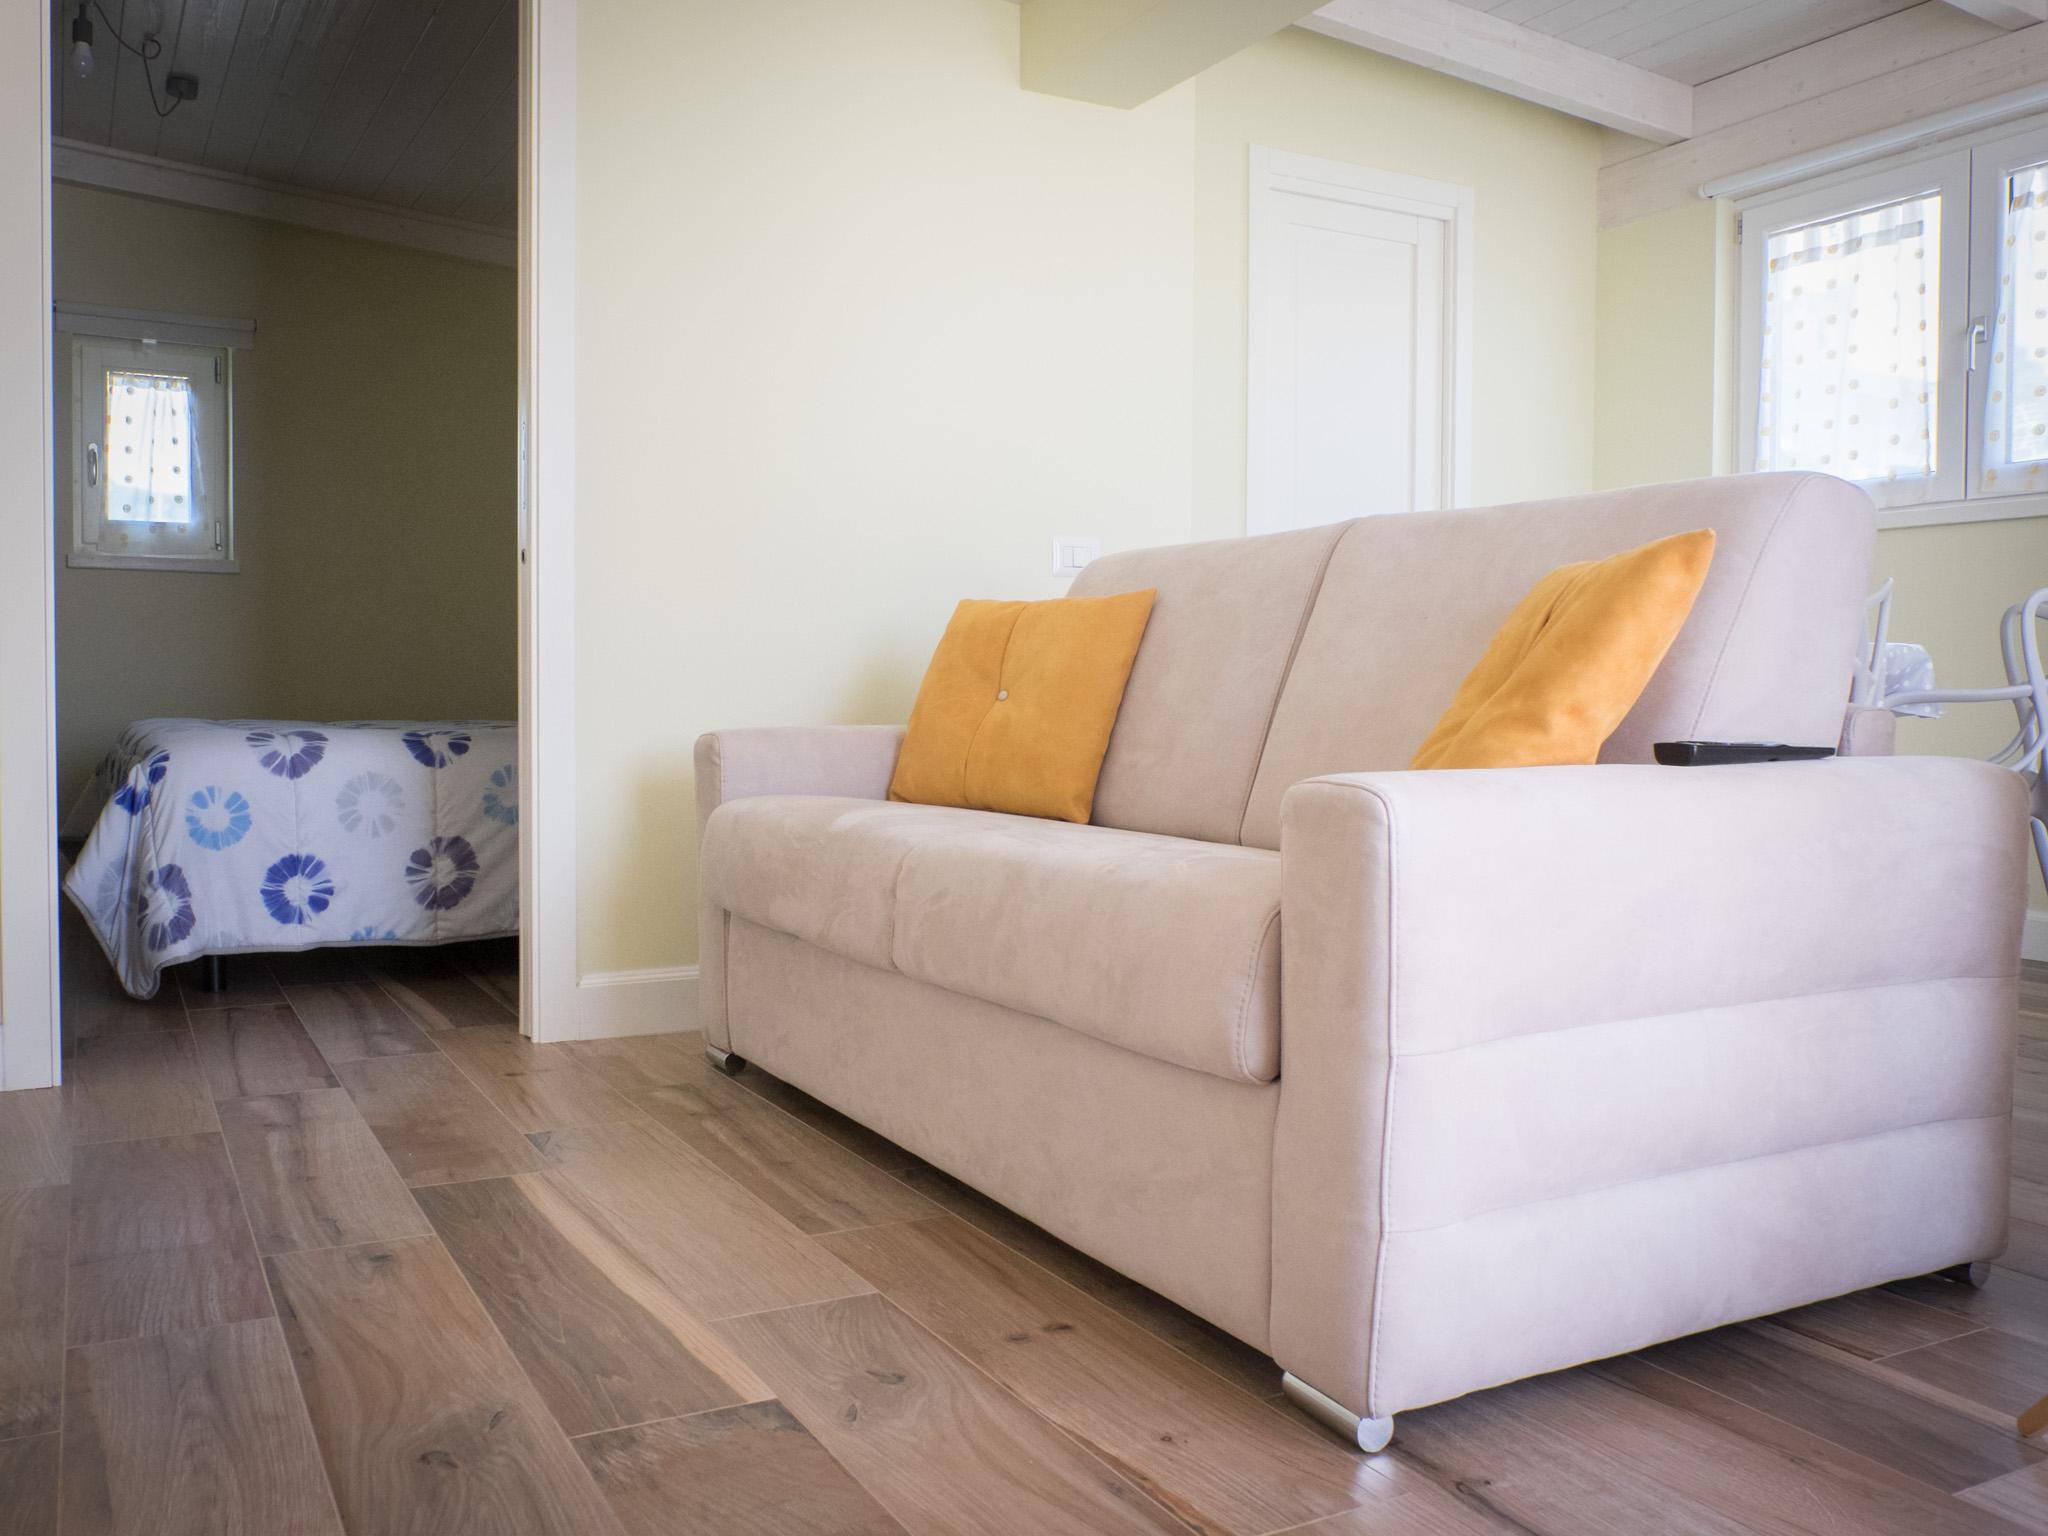 sanniti apartments la-casa-dei-nonni-casa-vacanze-bb-camere-dormire-sassi-di-matera-basilicata-21